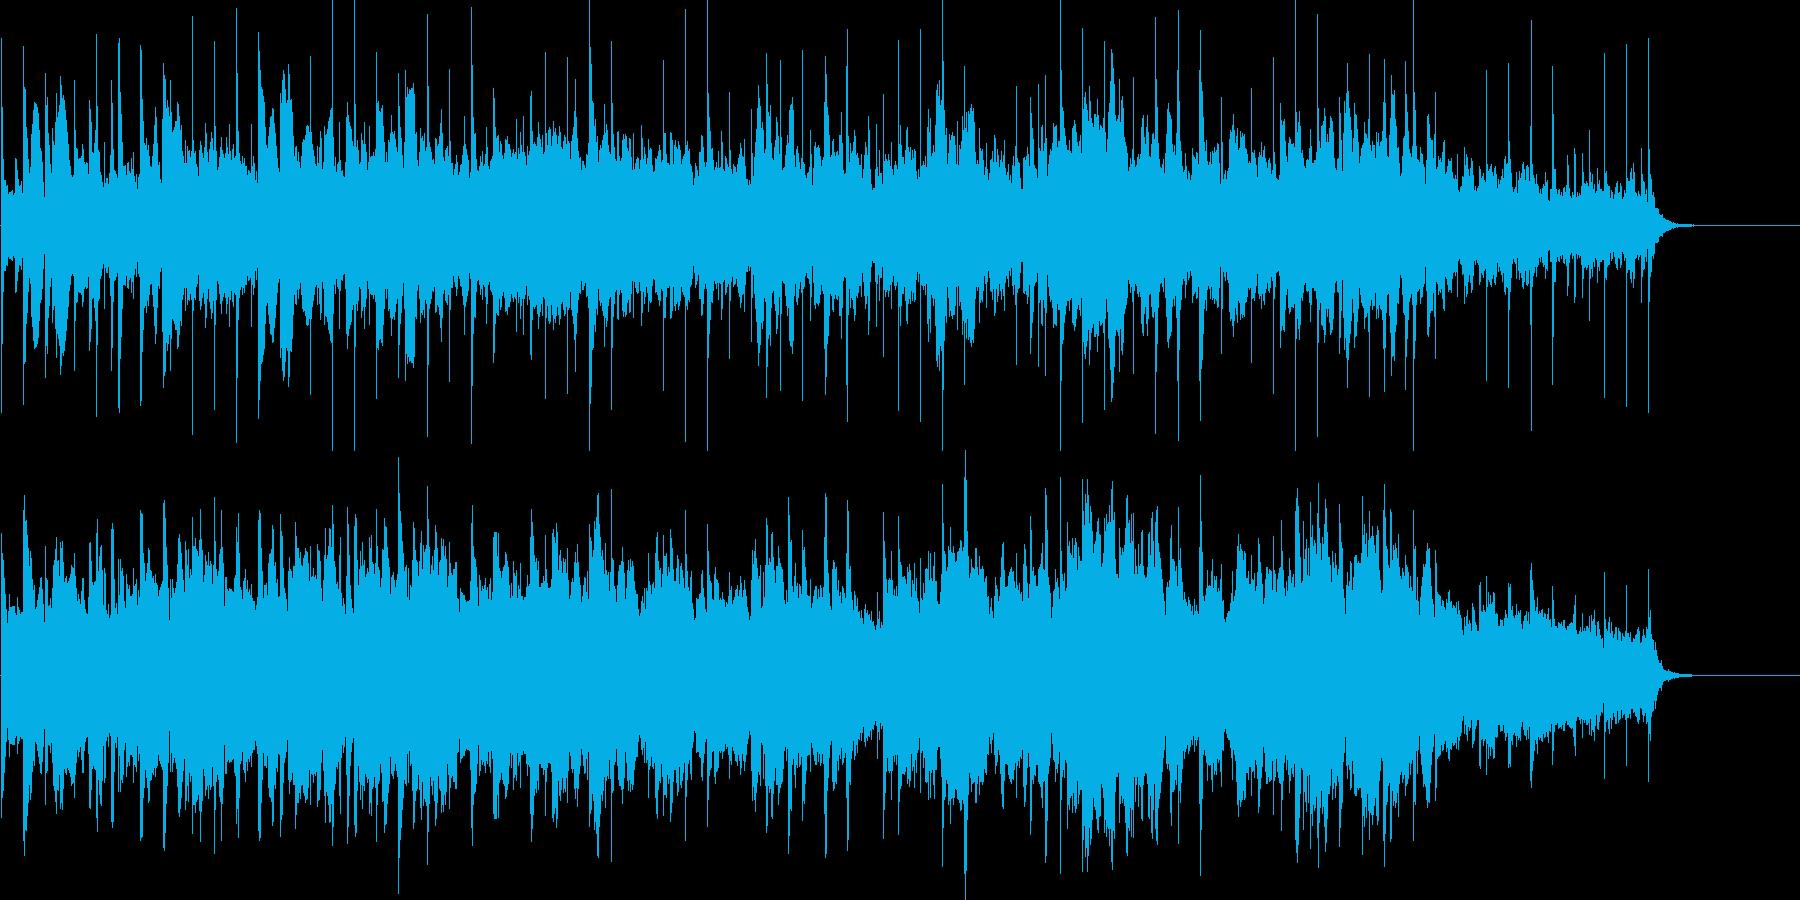 シンセサイザーによるほのぼの近未来ポップの再生済みの波形